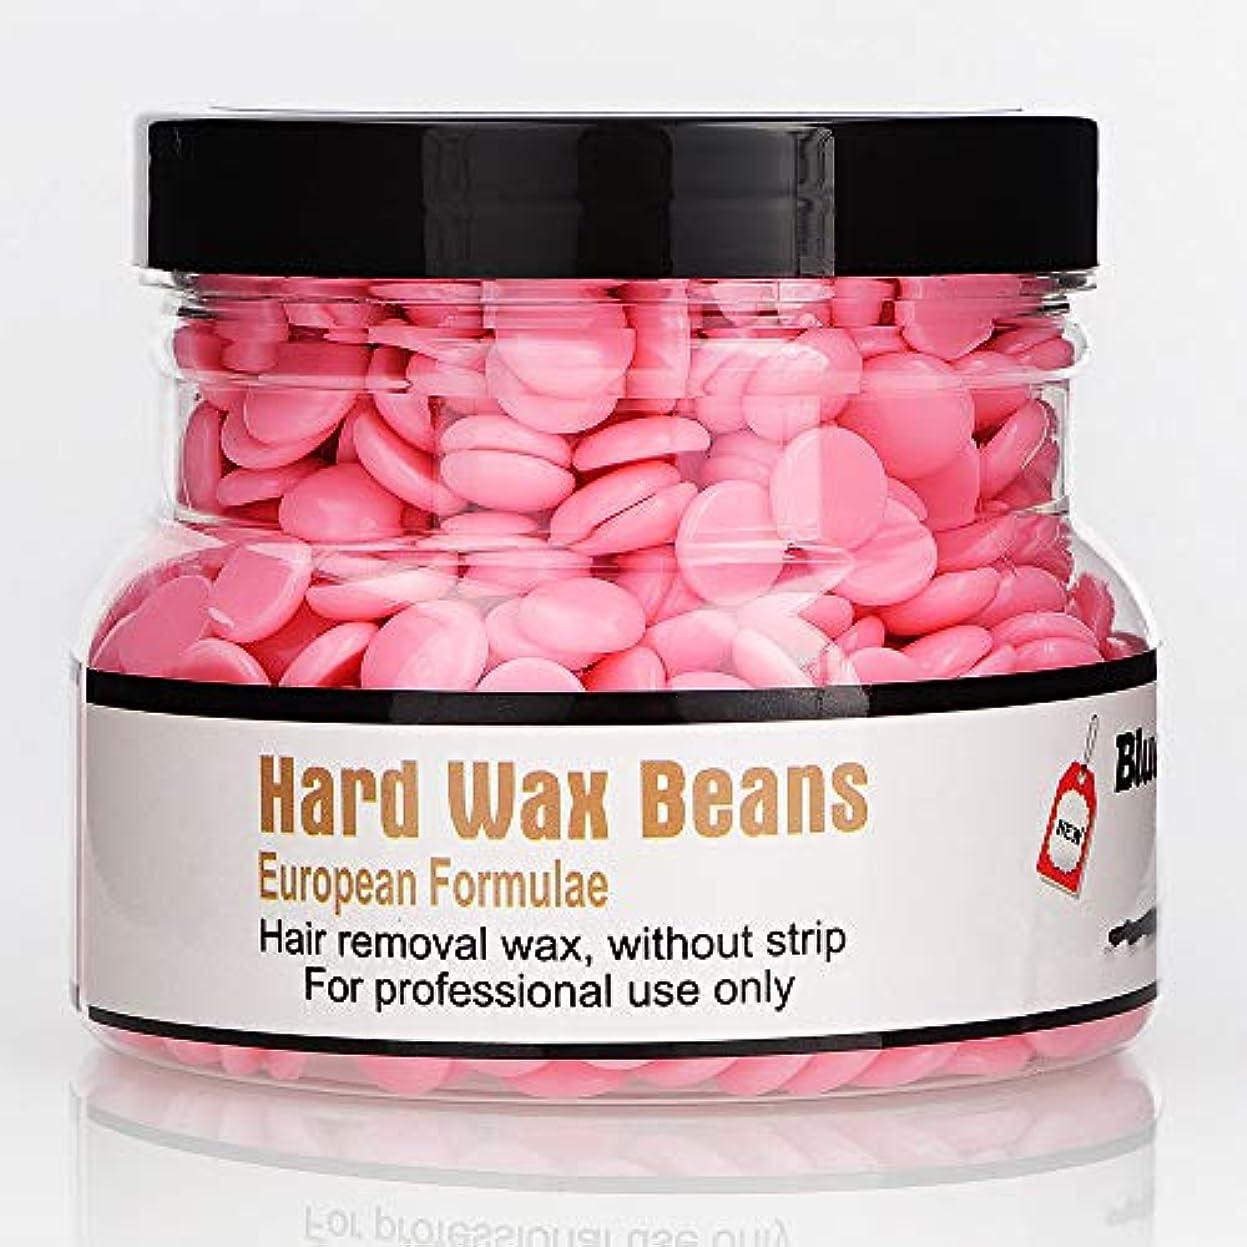 処方続けるブリーフケースRabugoo 250g美容脱毛ハードワックス豆フェイス脇の下のアーム脚のための安全な恒久的な脱毛剤 rose